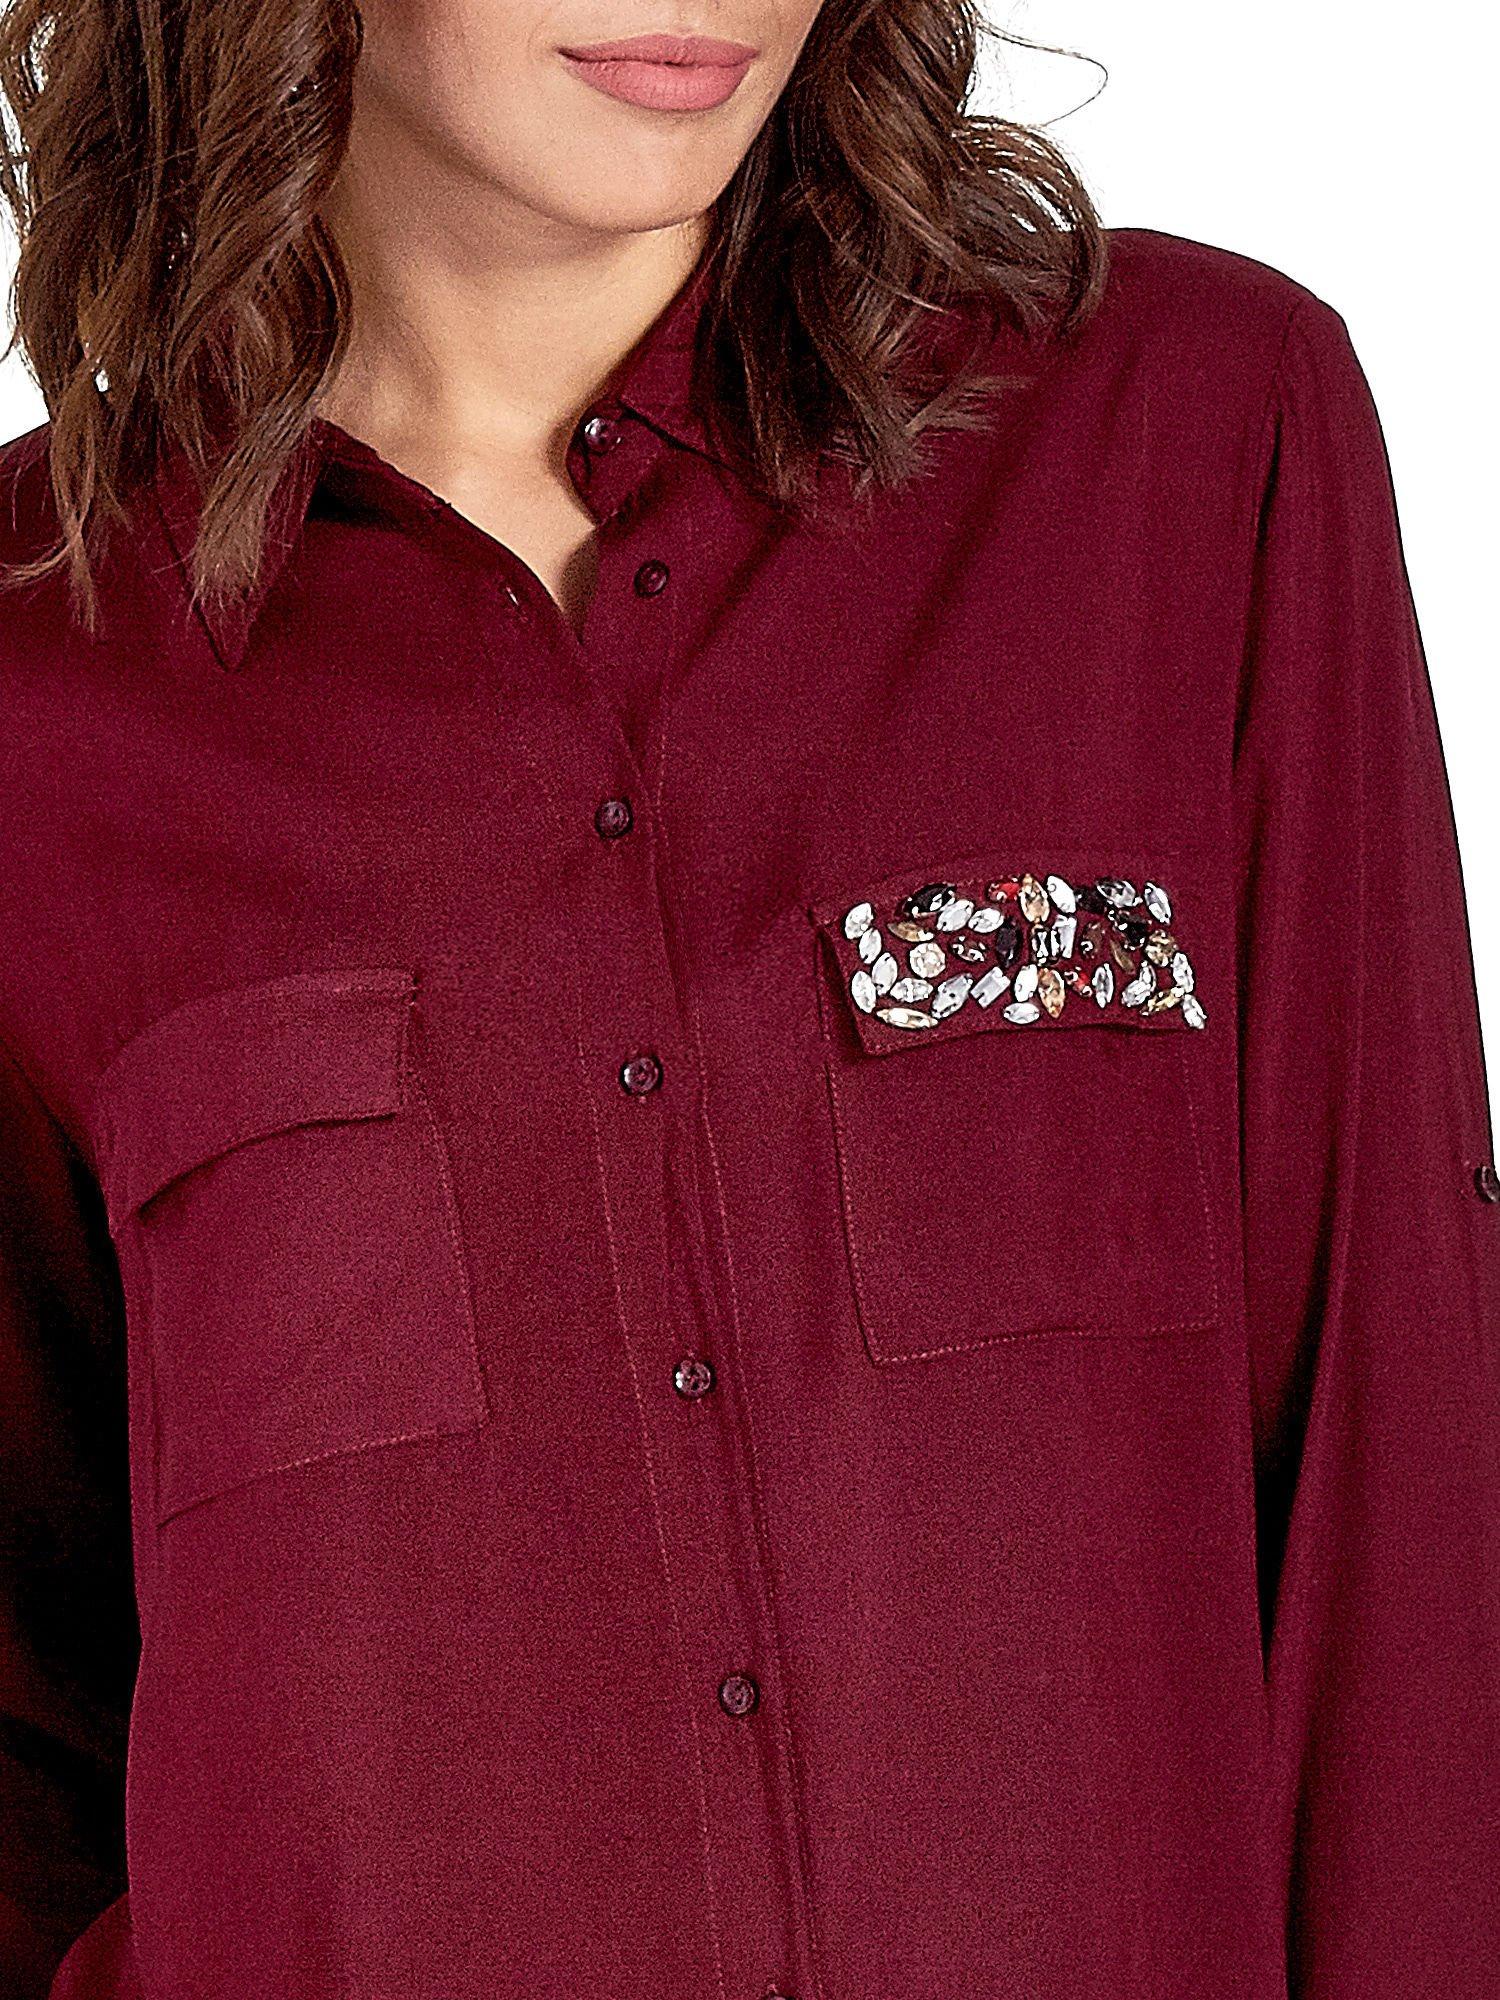 Bordowa koszula z biżuteryjną kieszonką                                  zdj.                                  6